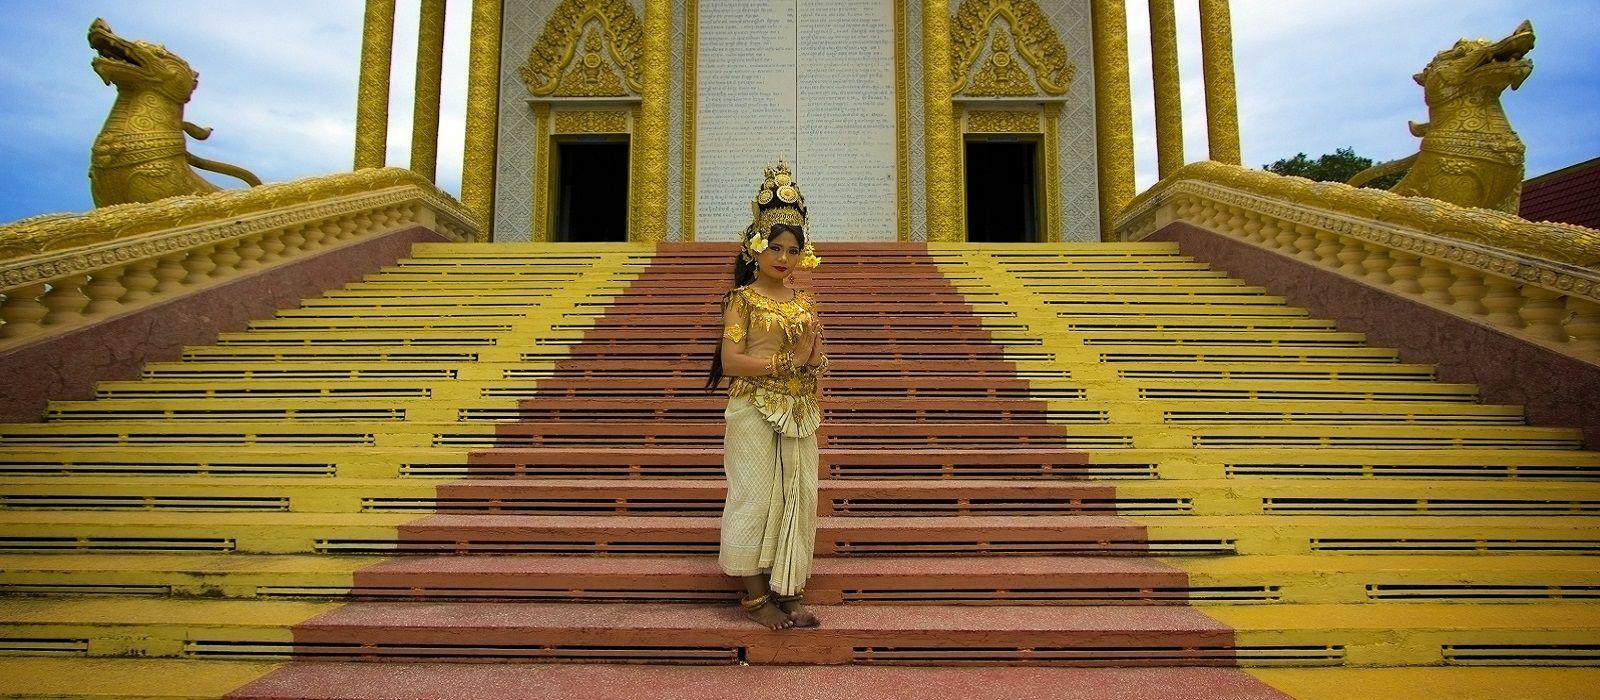 Kambodscha Kulturreise – Tempel, Geschichte und Strände Urlaub 1